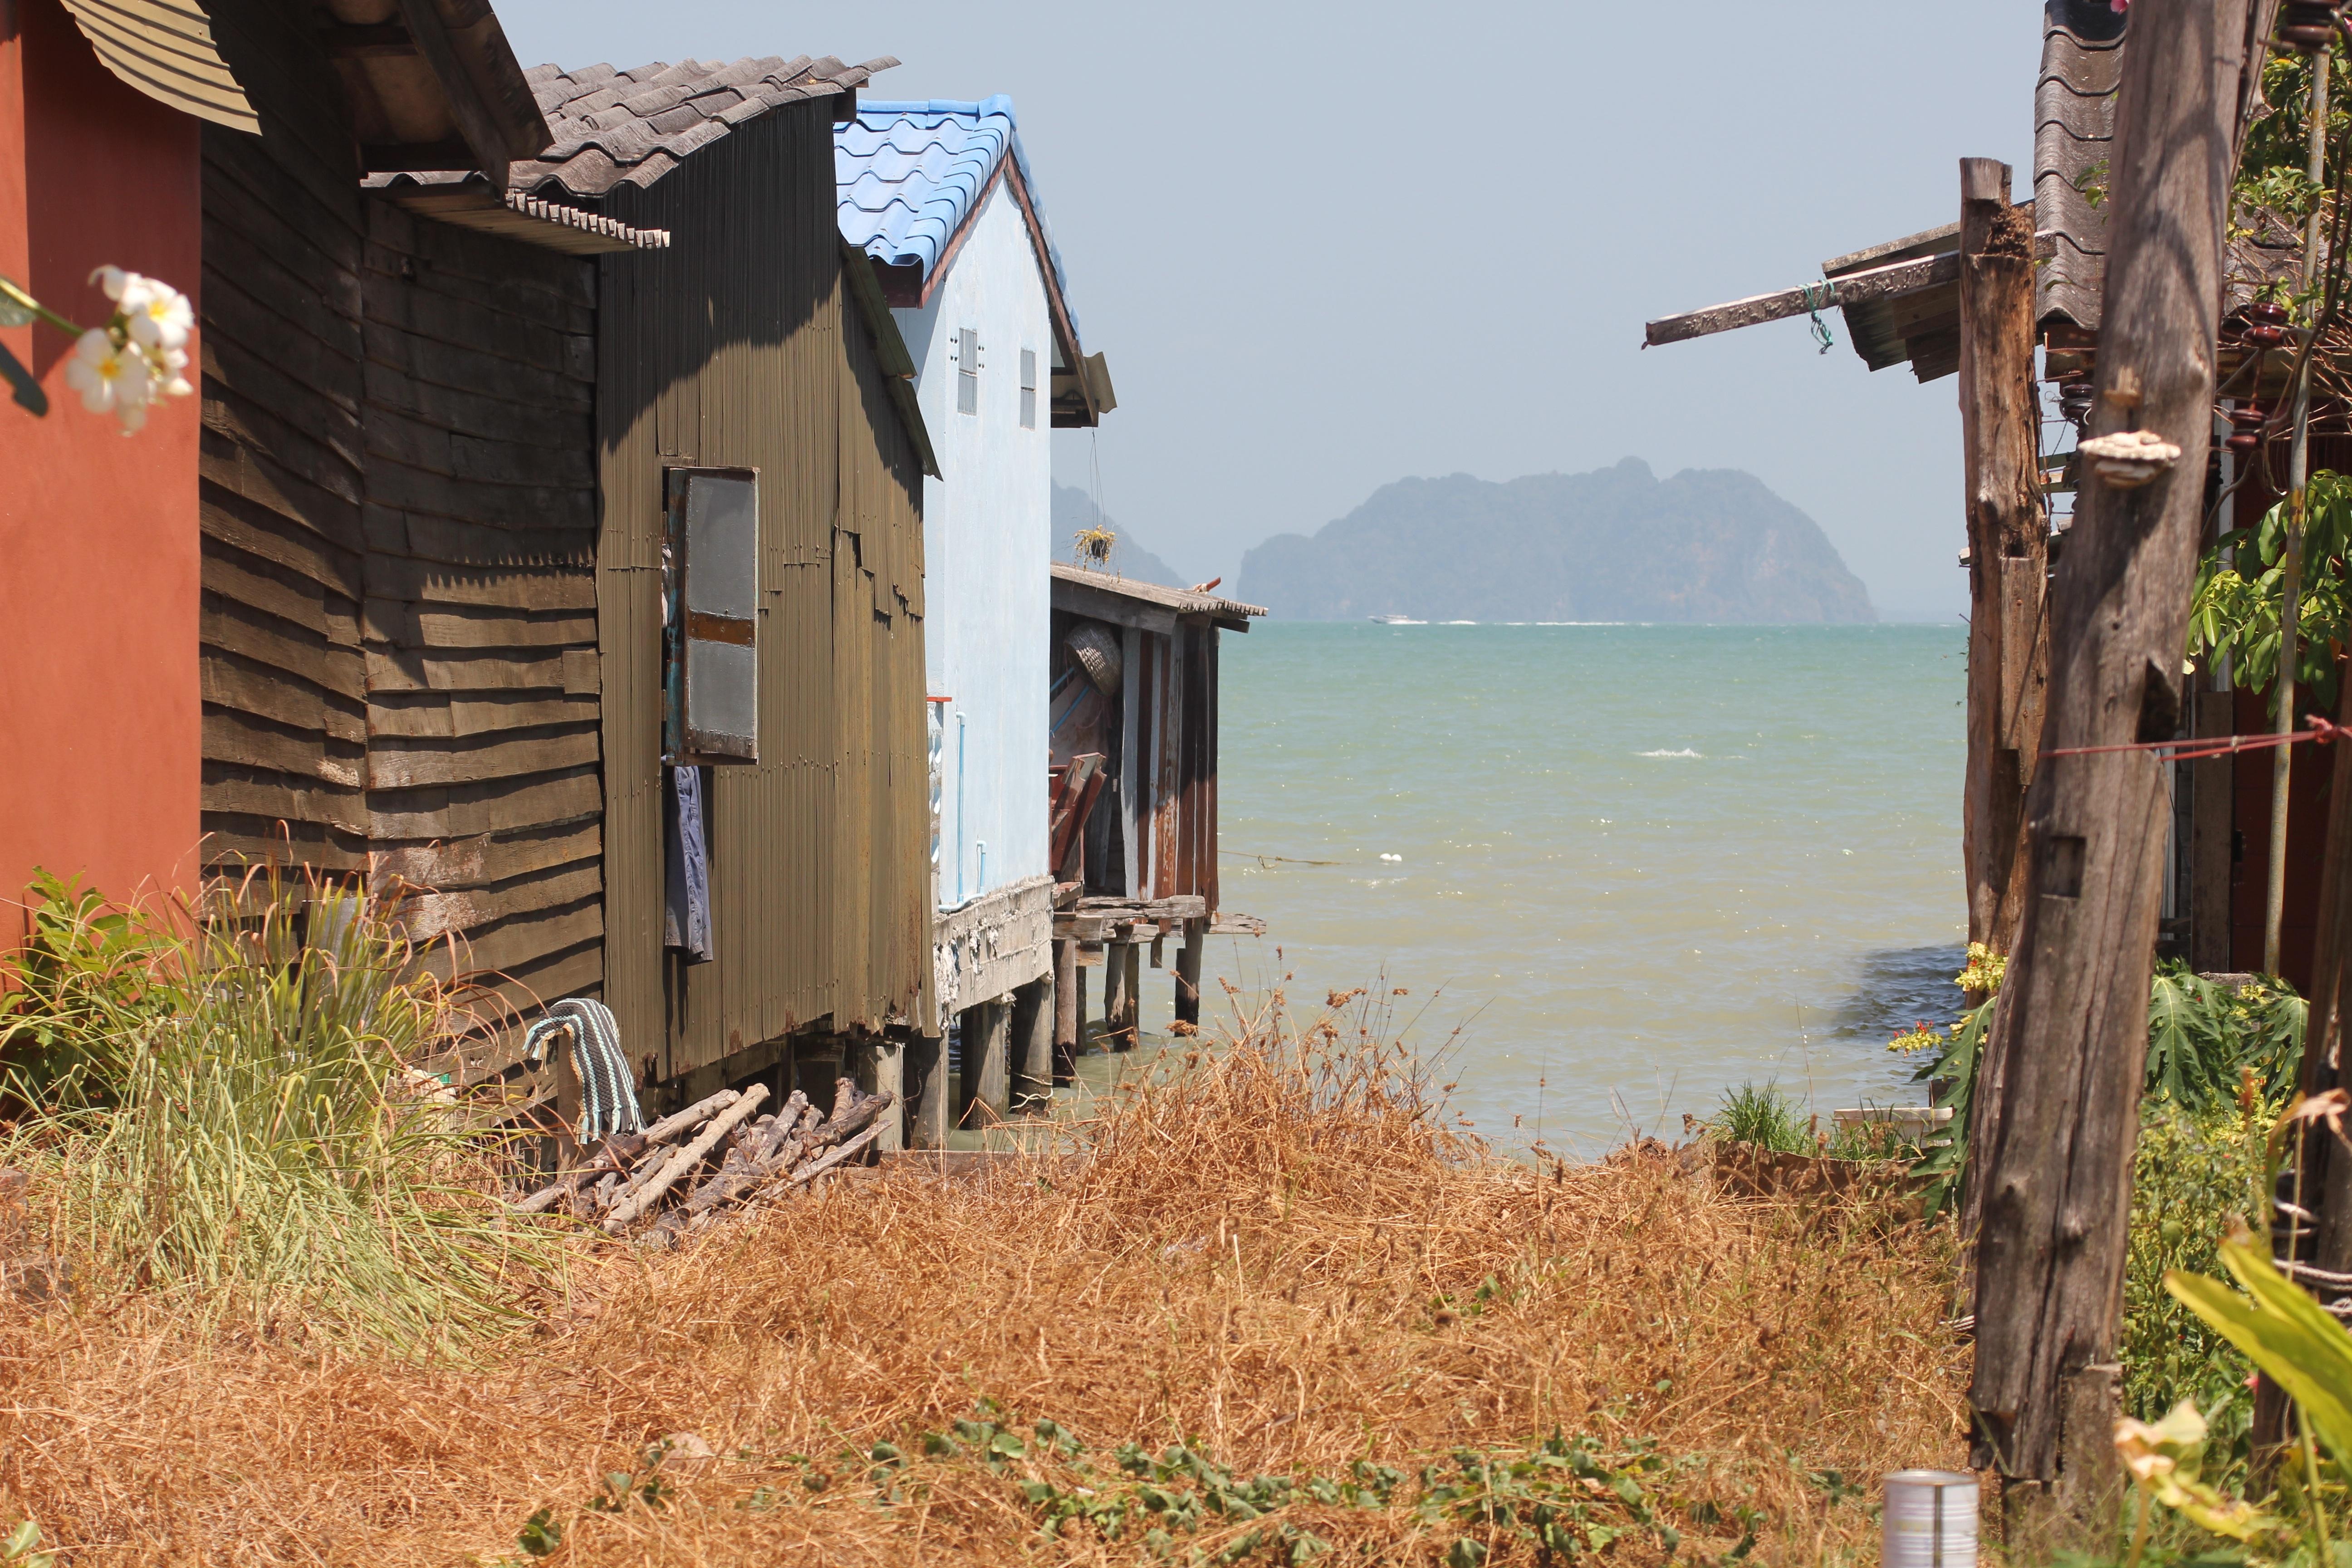 приятный деревни около моря картинки так счастлива